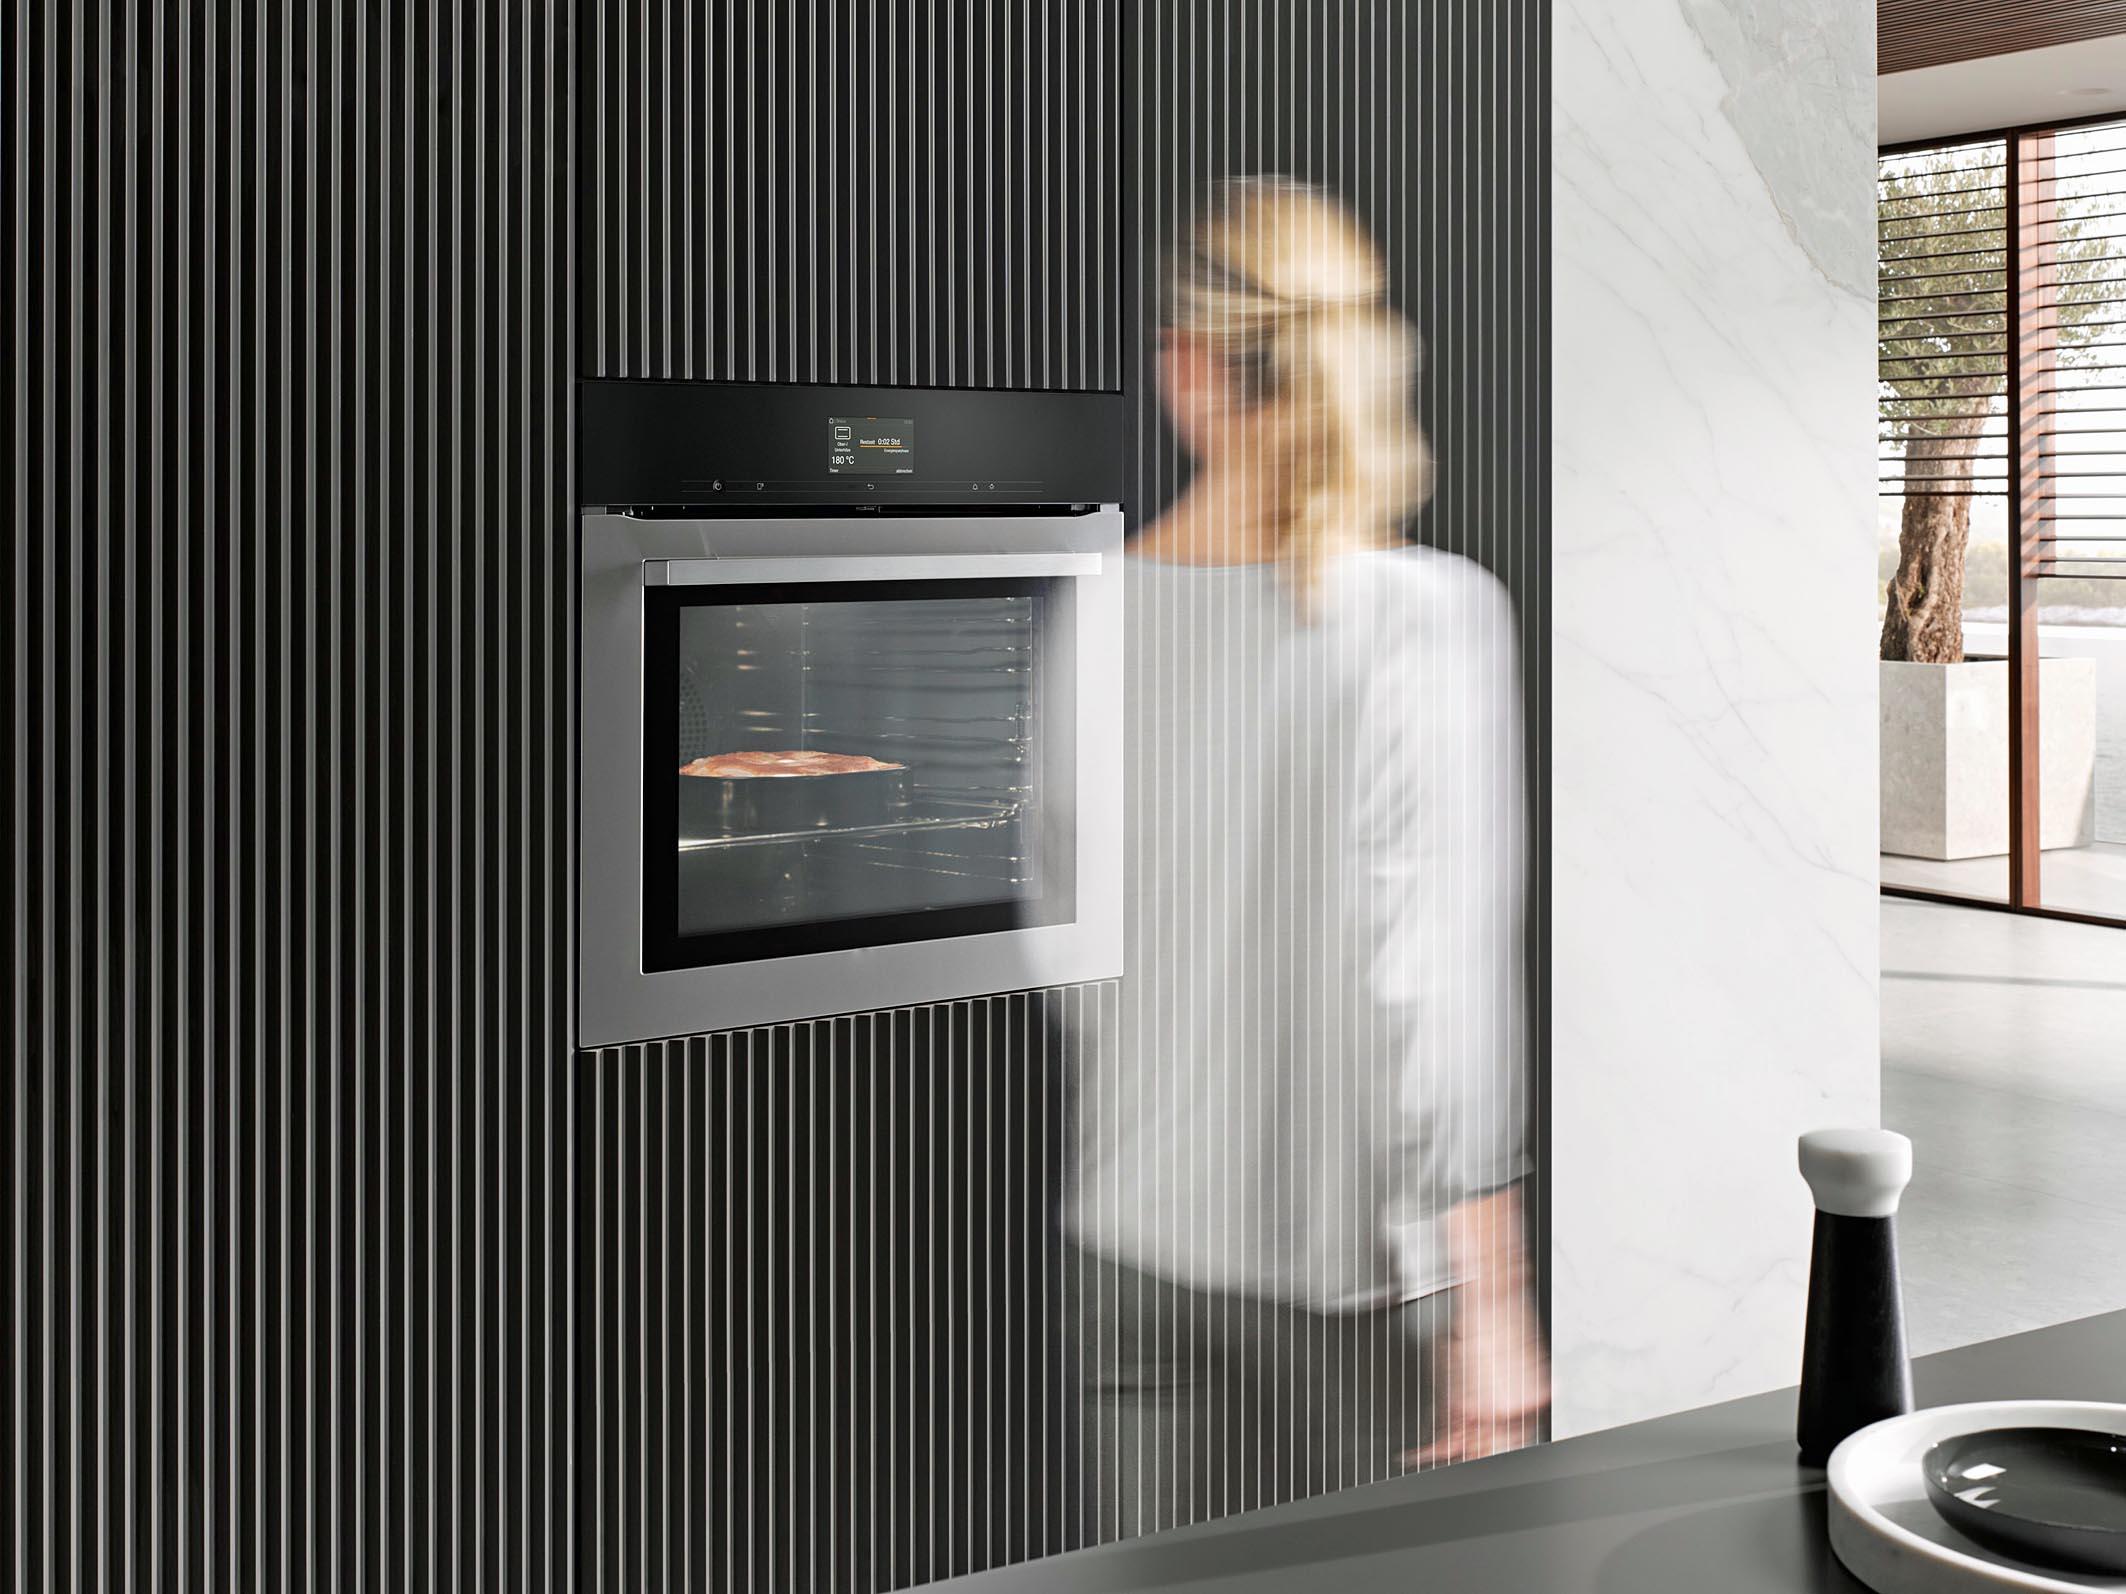 AMK-PM-2019-Kochen, Backen und Garen mit Assistenzfunktion-7.jpg